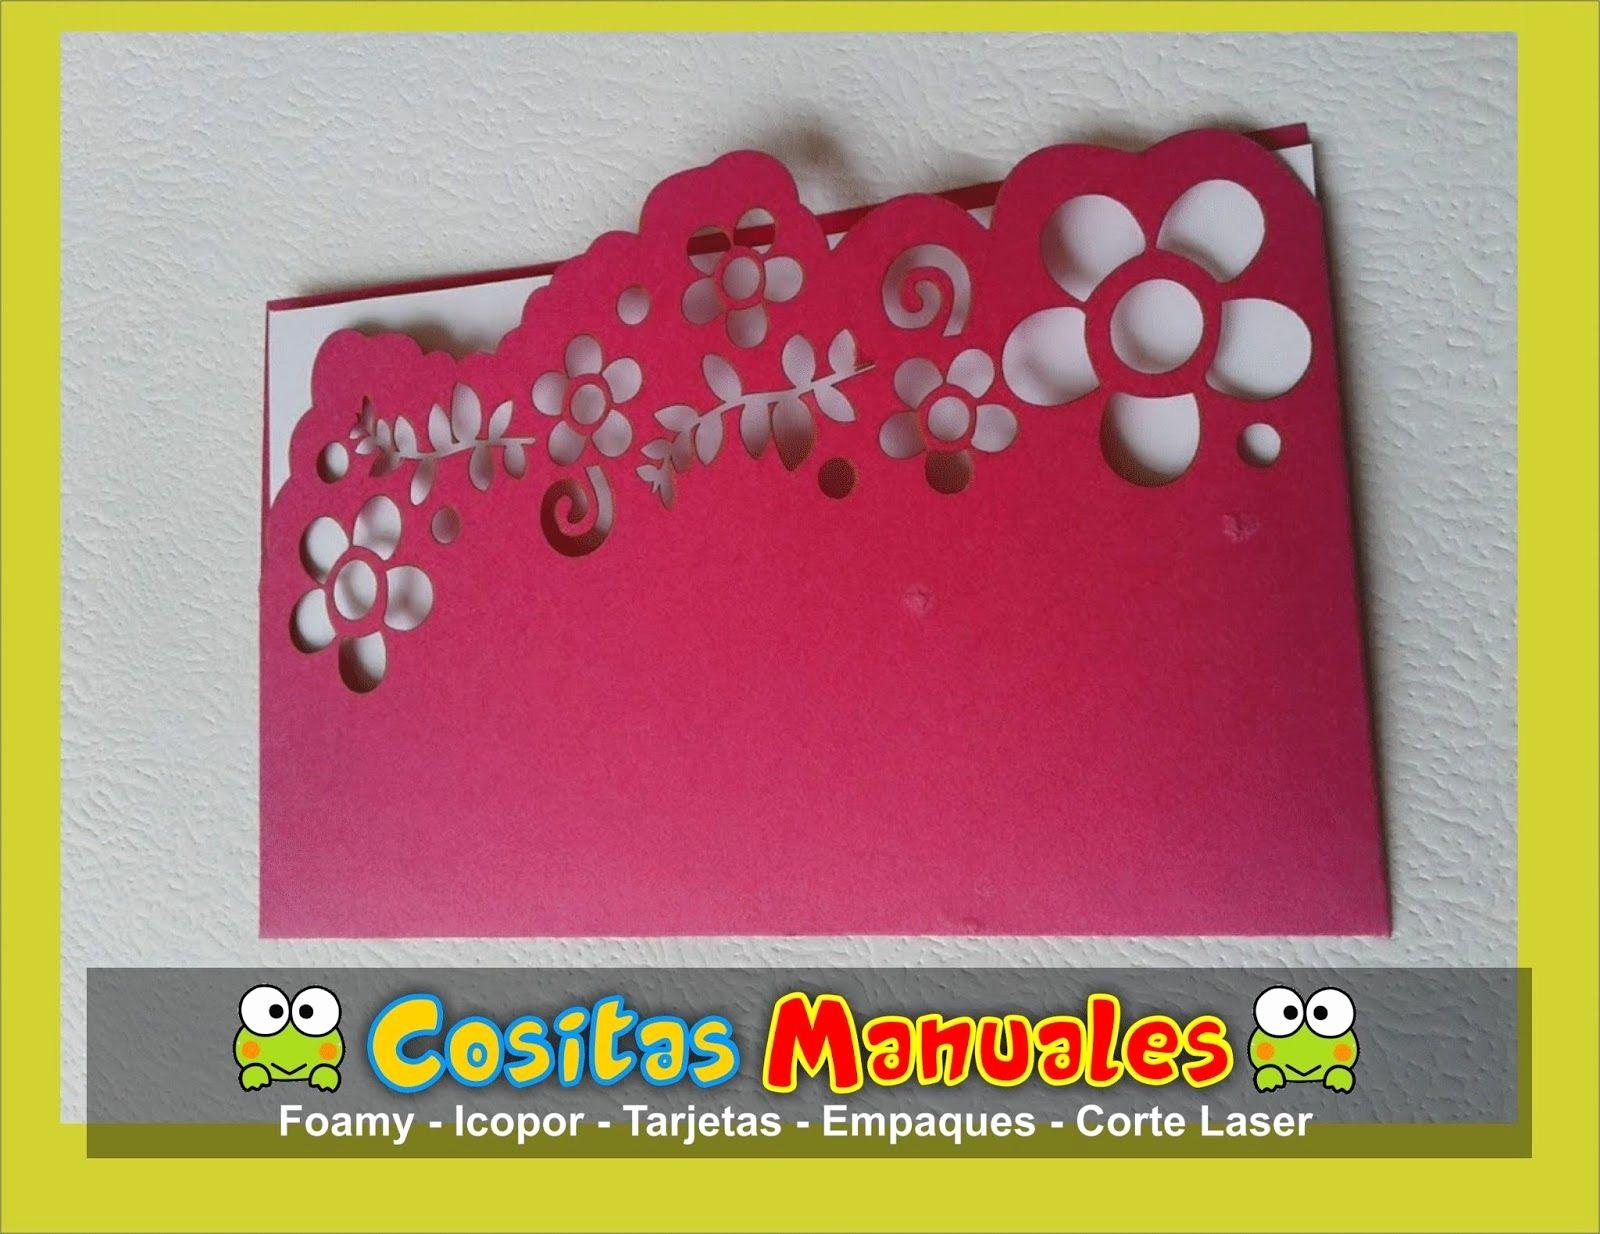 Diseños De Tarjetas De Cumpleaños New Tarjeta Manual Cumpleaños Diseño Labrado En Flores